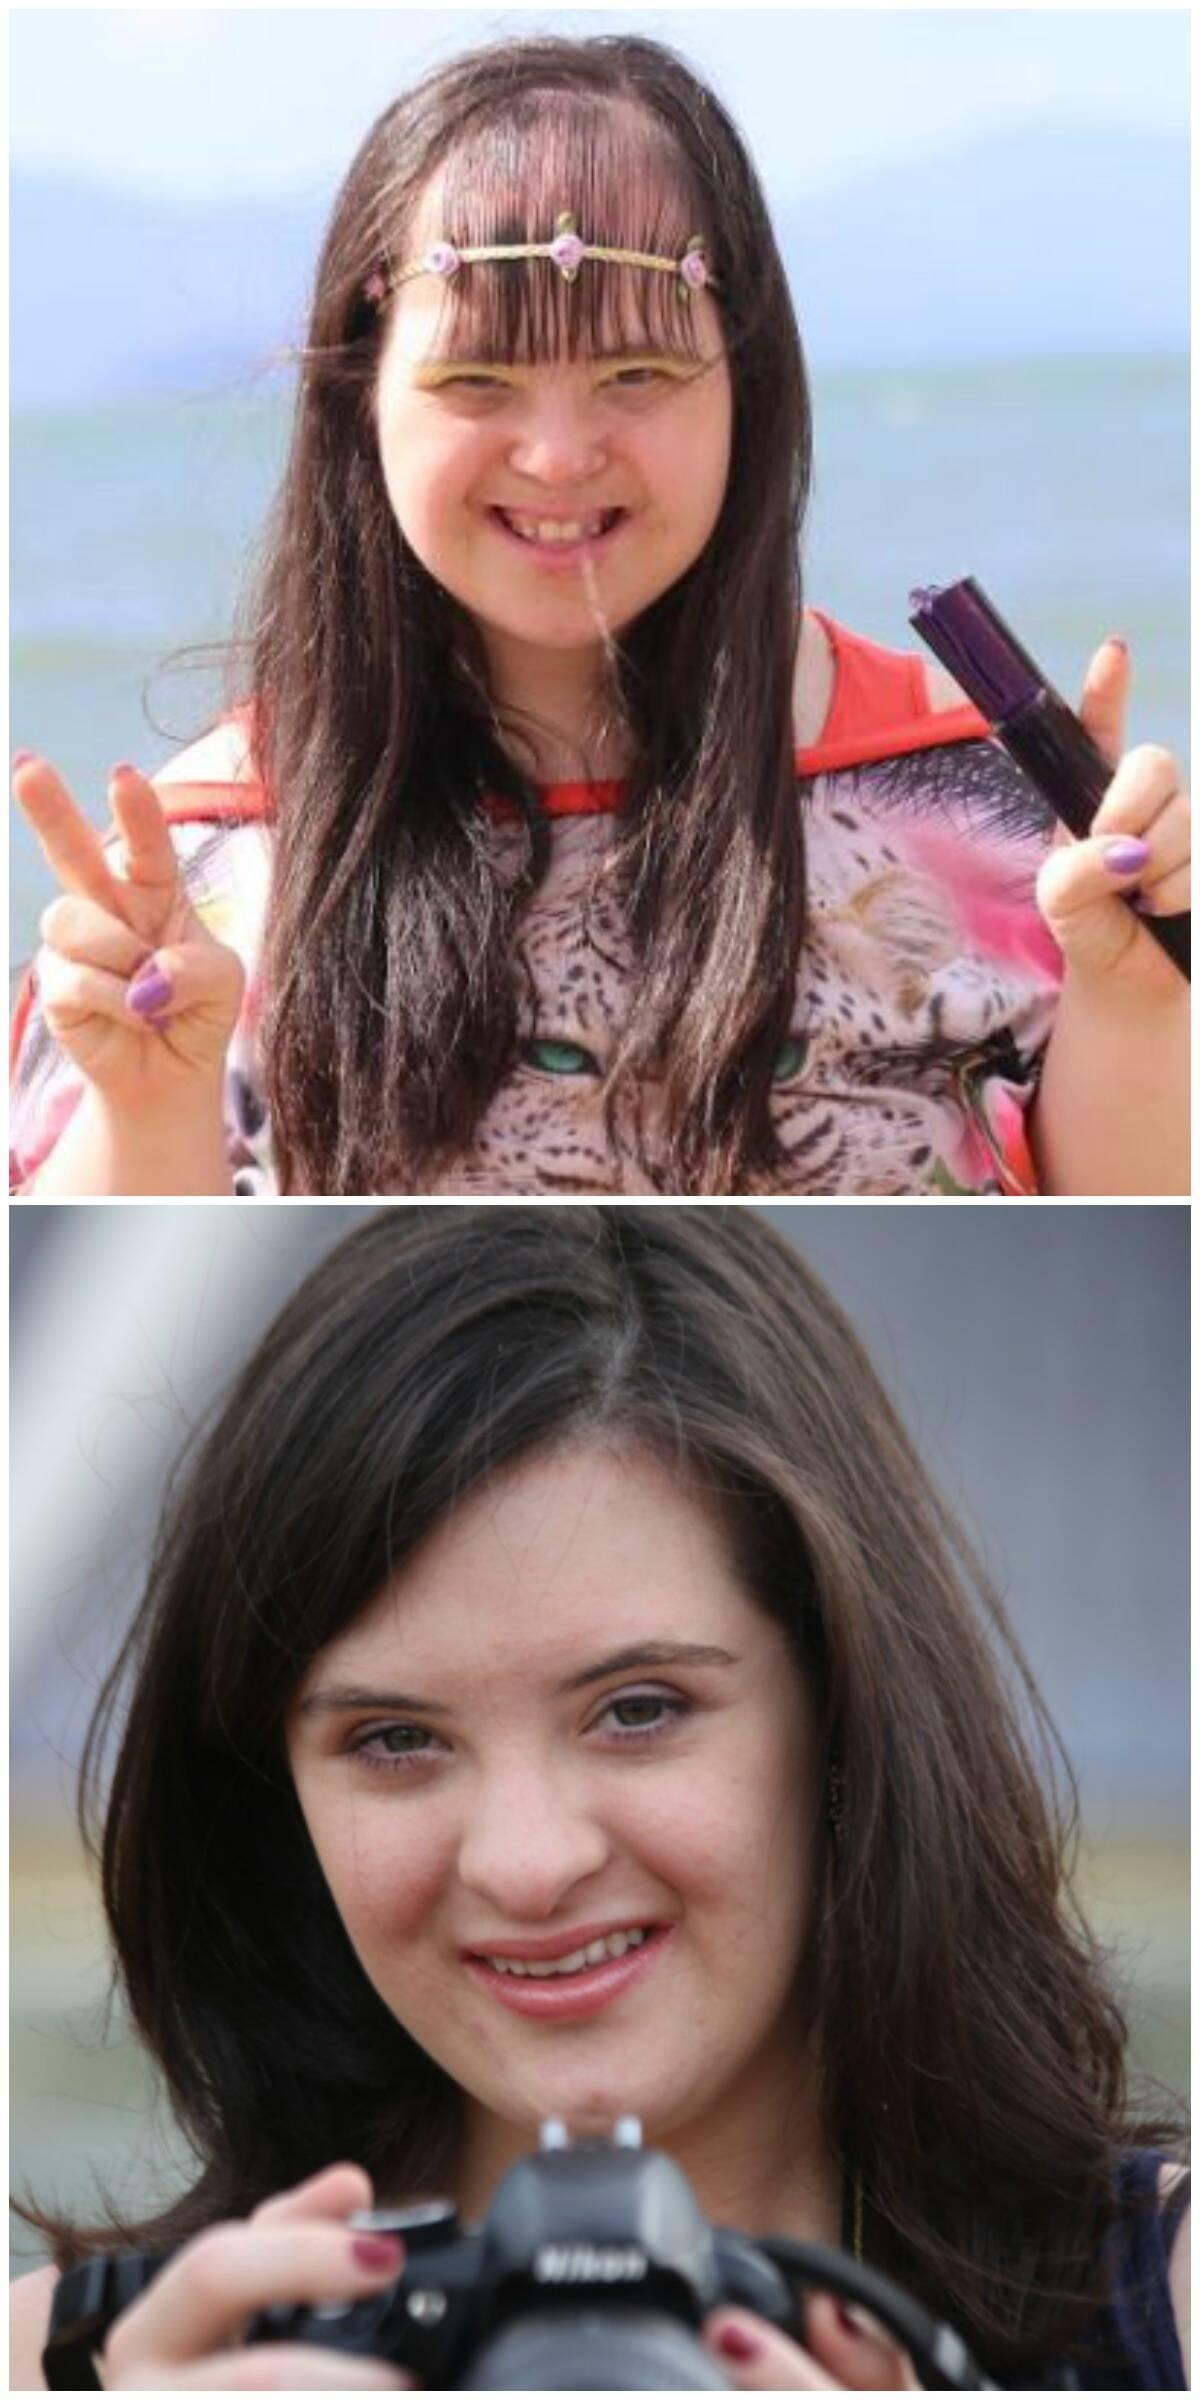 A modelo Pamela Andrades e a fotógrafa Jessica Mendes: duas das histórias reais retratadas na websérie Cromossomo 21 / Fotos: divulgação